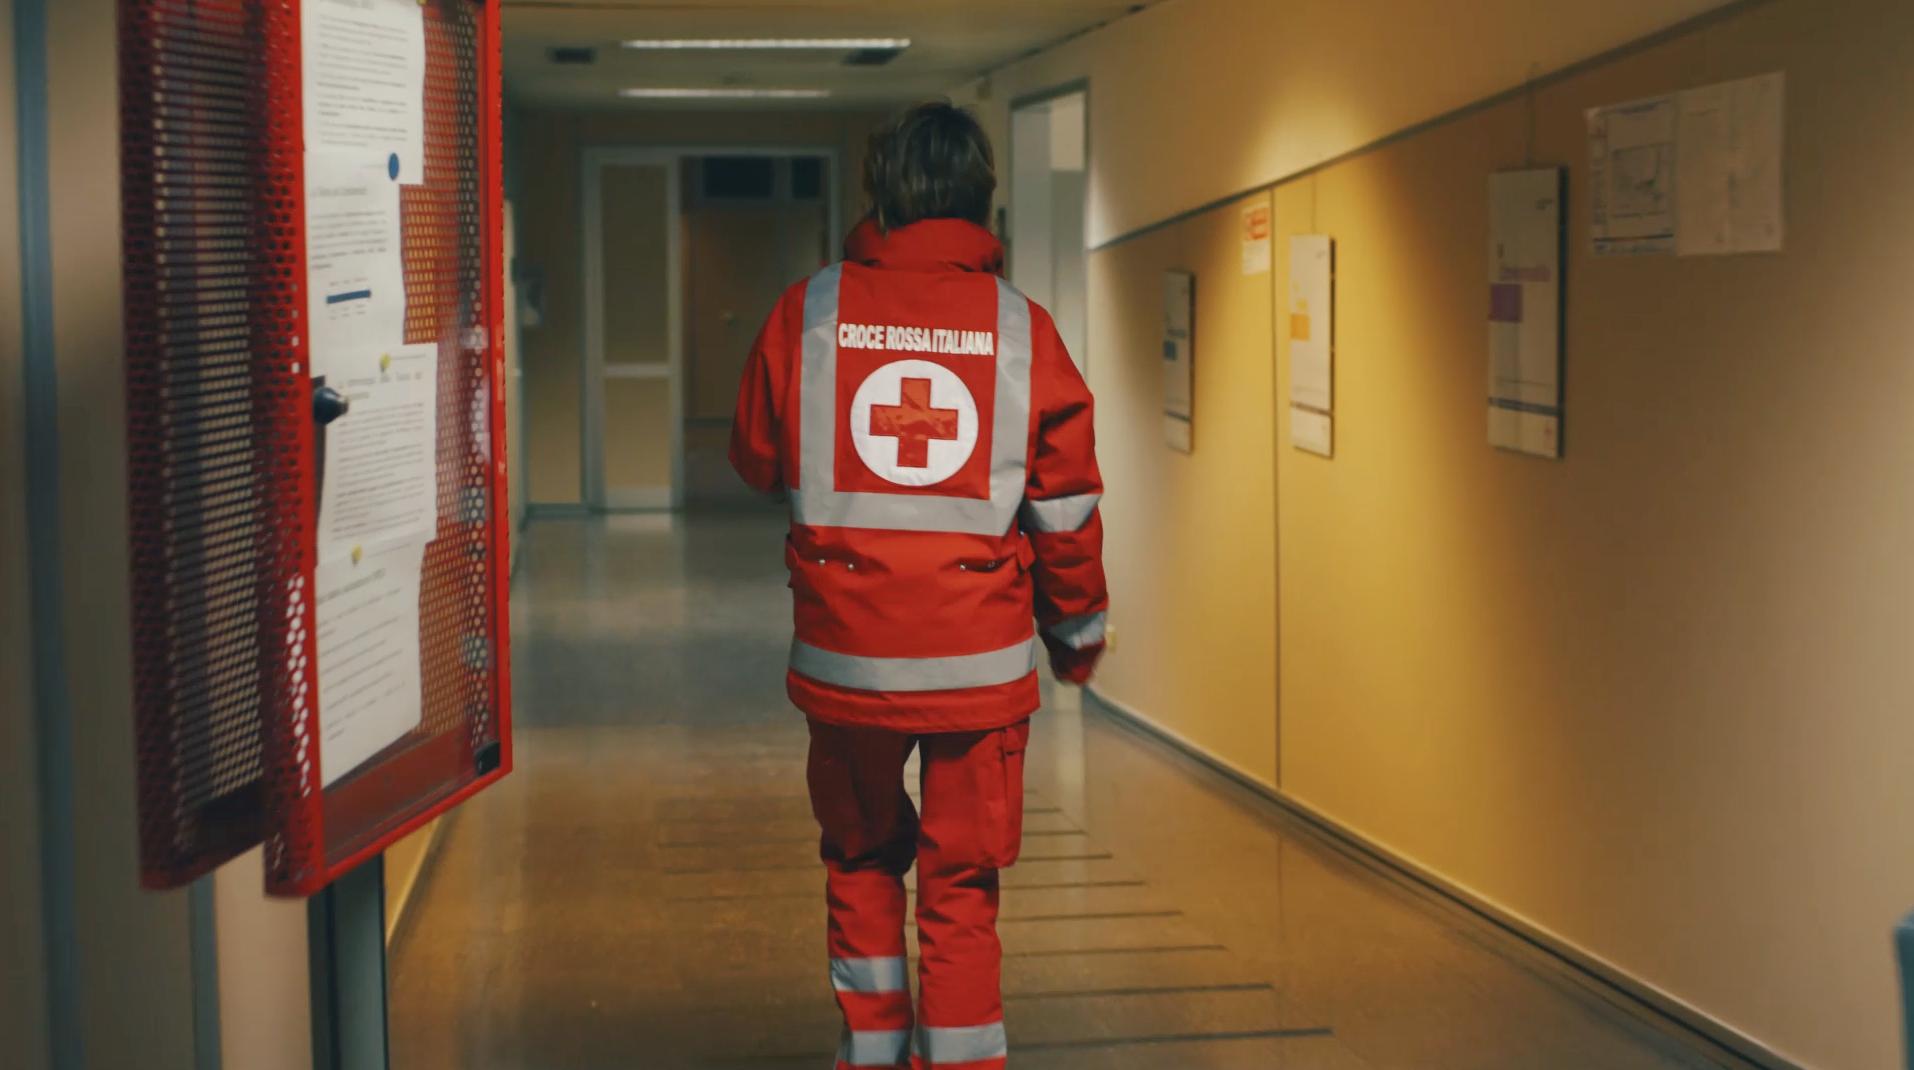 Land Rover Celebrates International Red Cross Week With Film Championing Volunteers - volunteer in Milan.